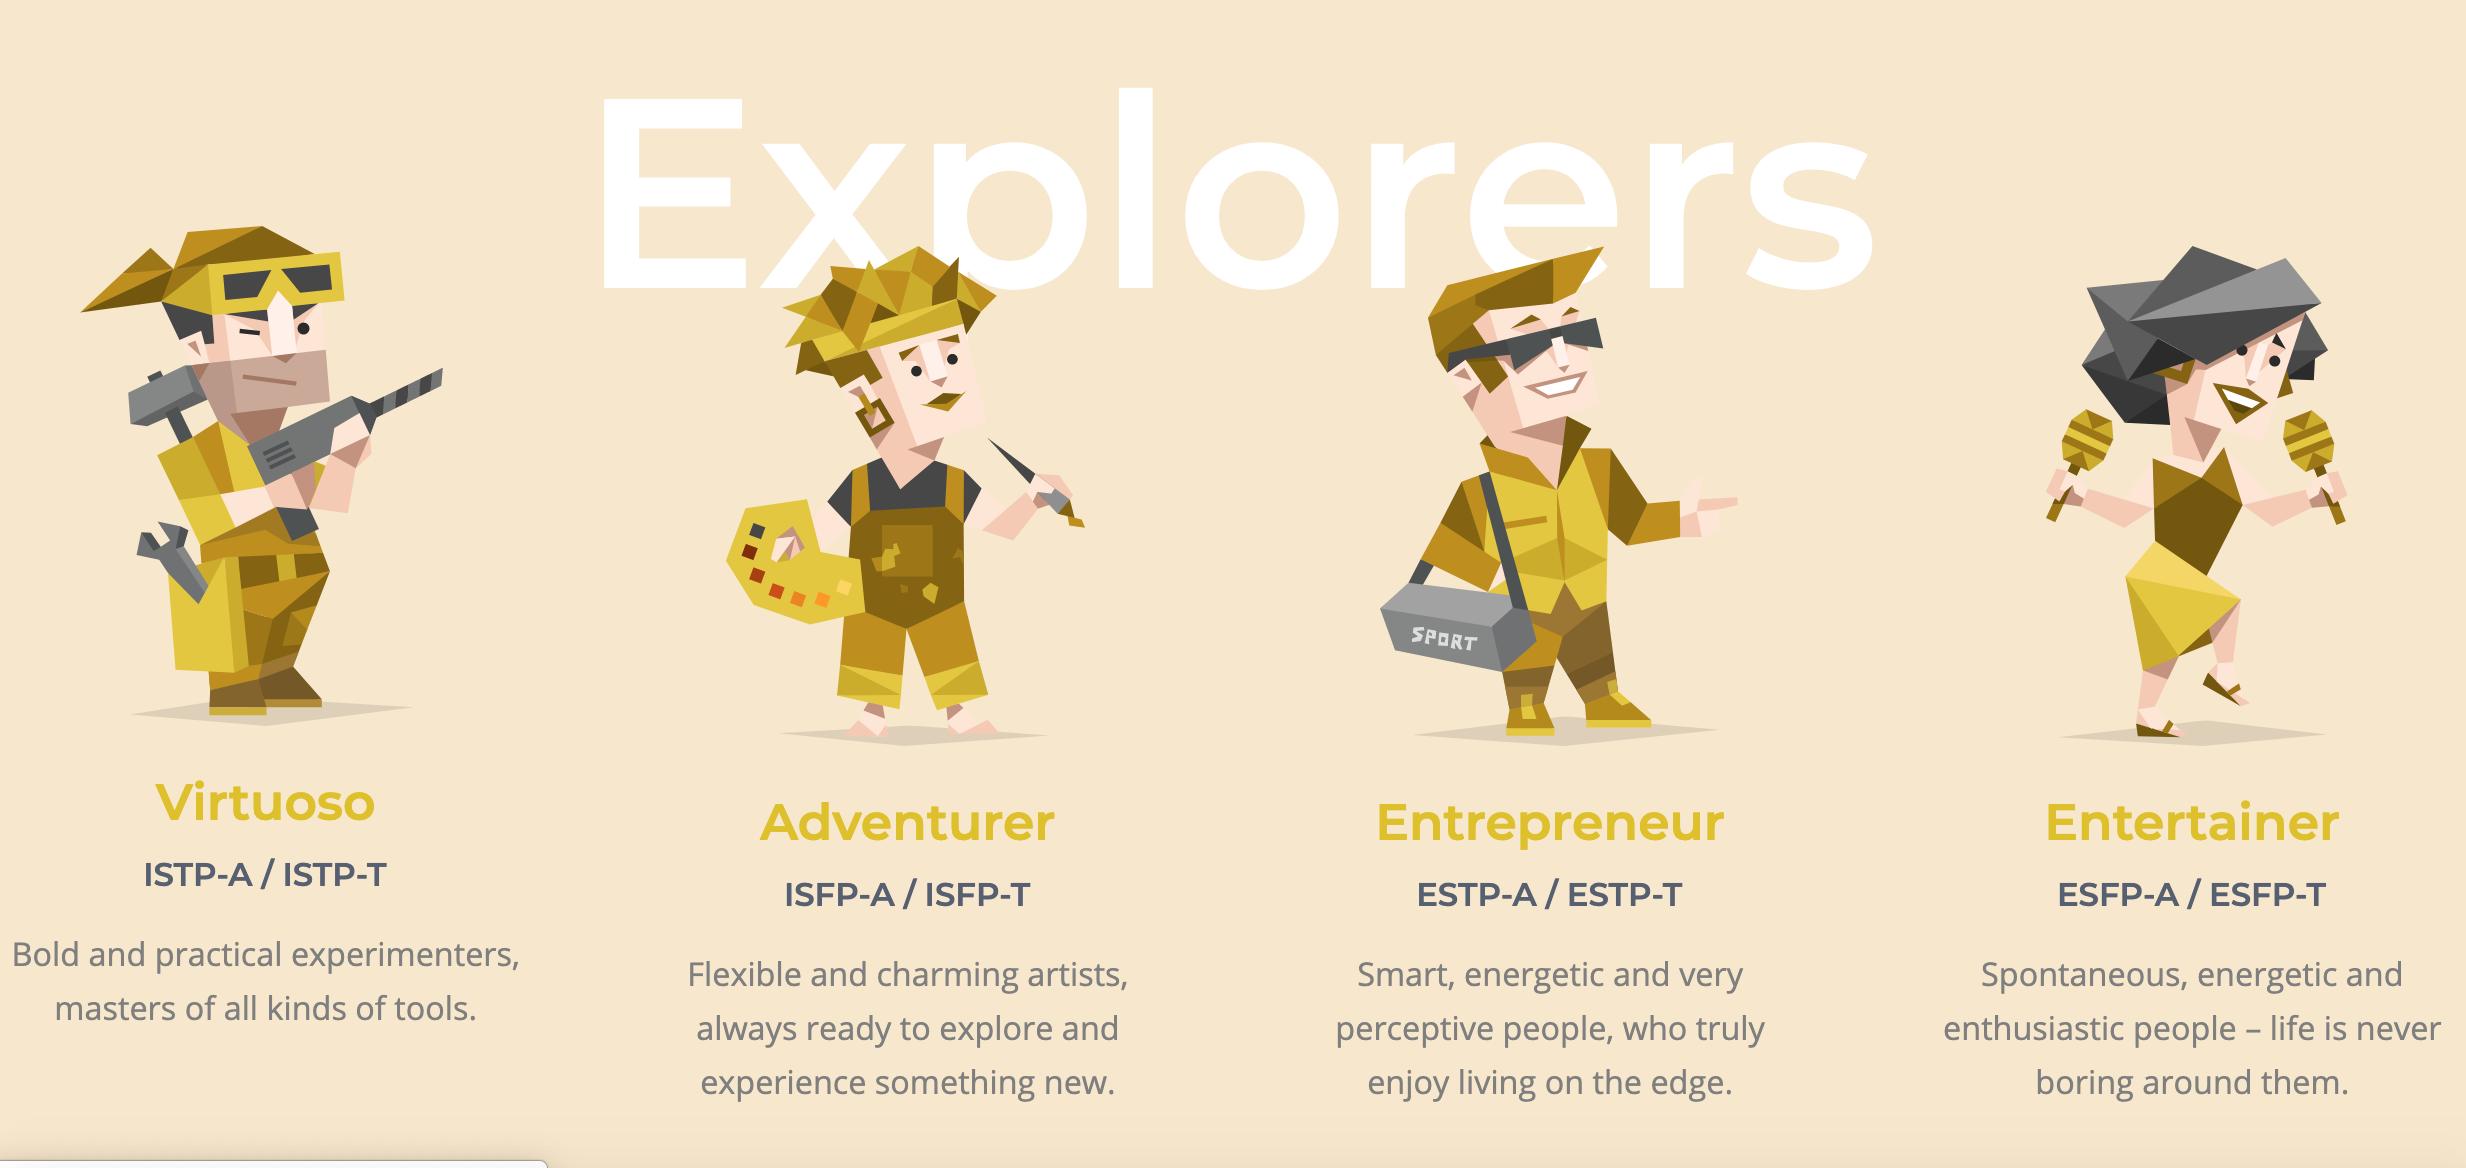 wbi-blog-myersbriggs-explorers.png